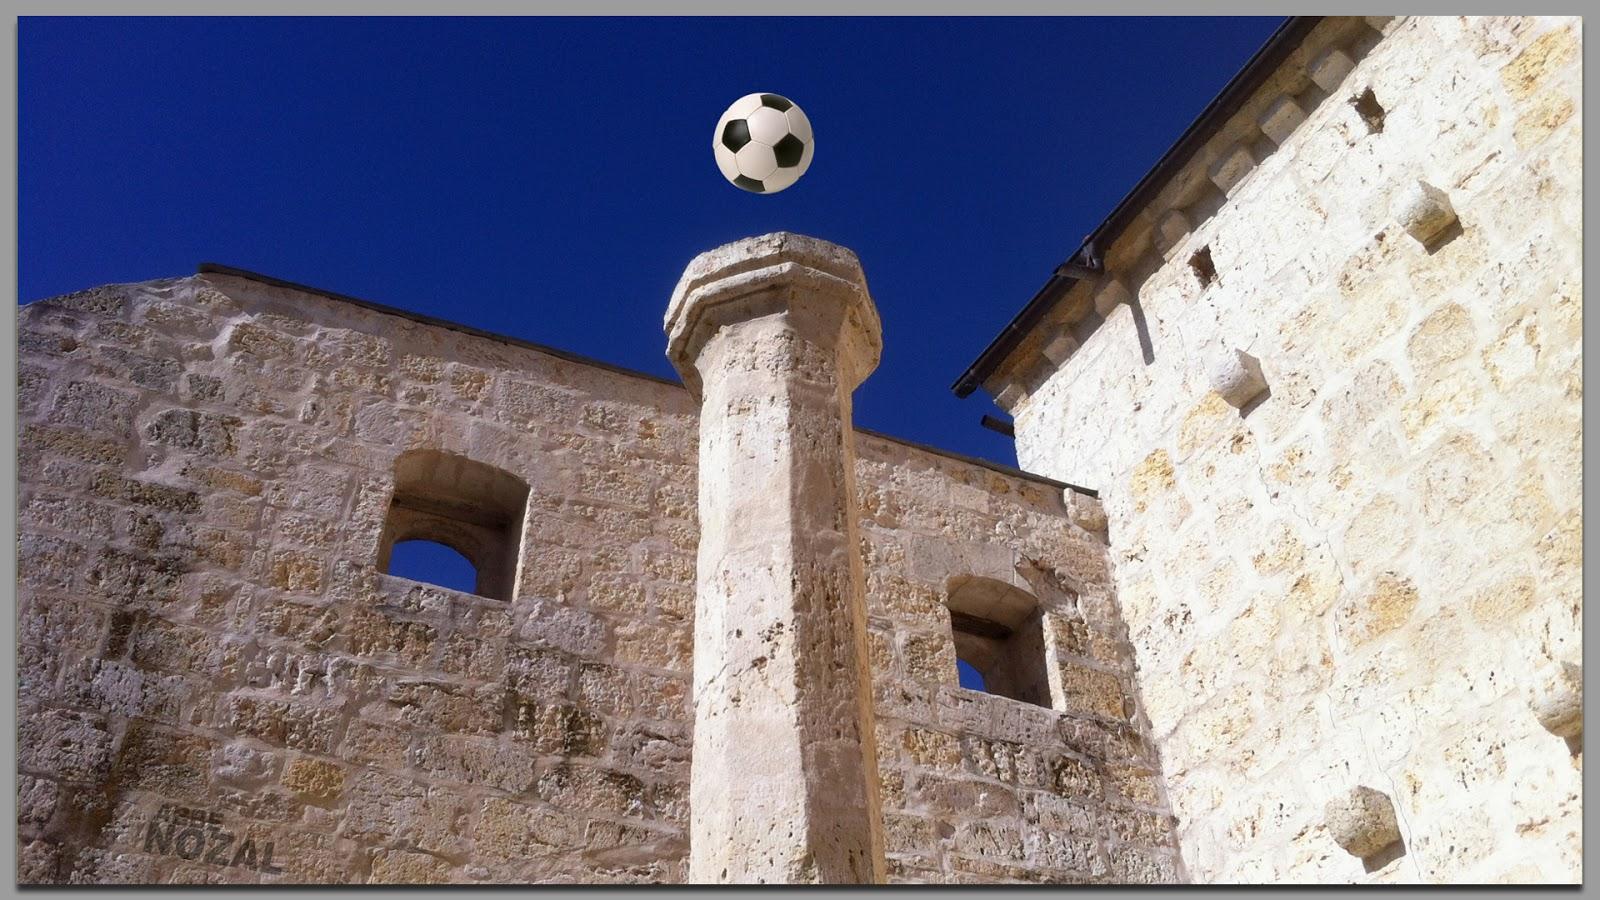 Fútbol es fútbol es fútbol, 2014 Abbé Nozal